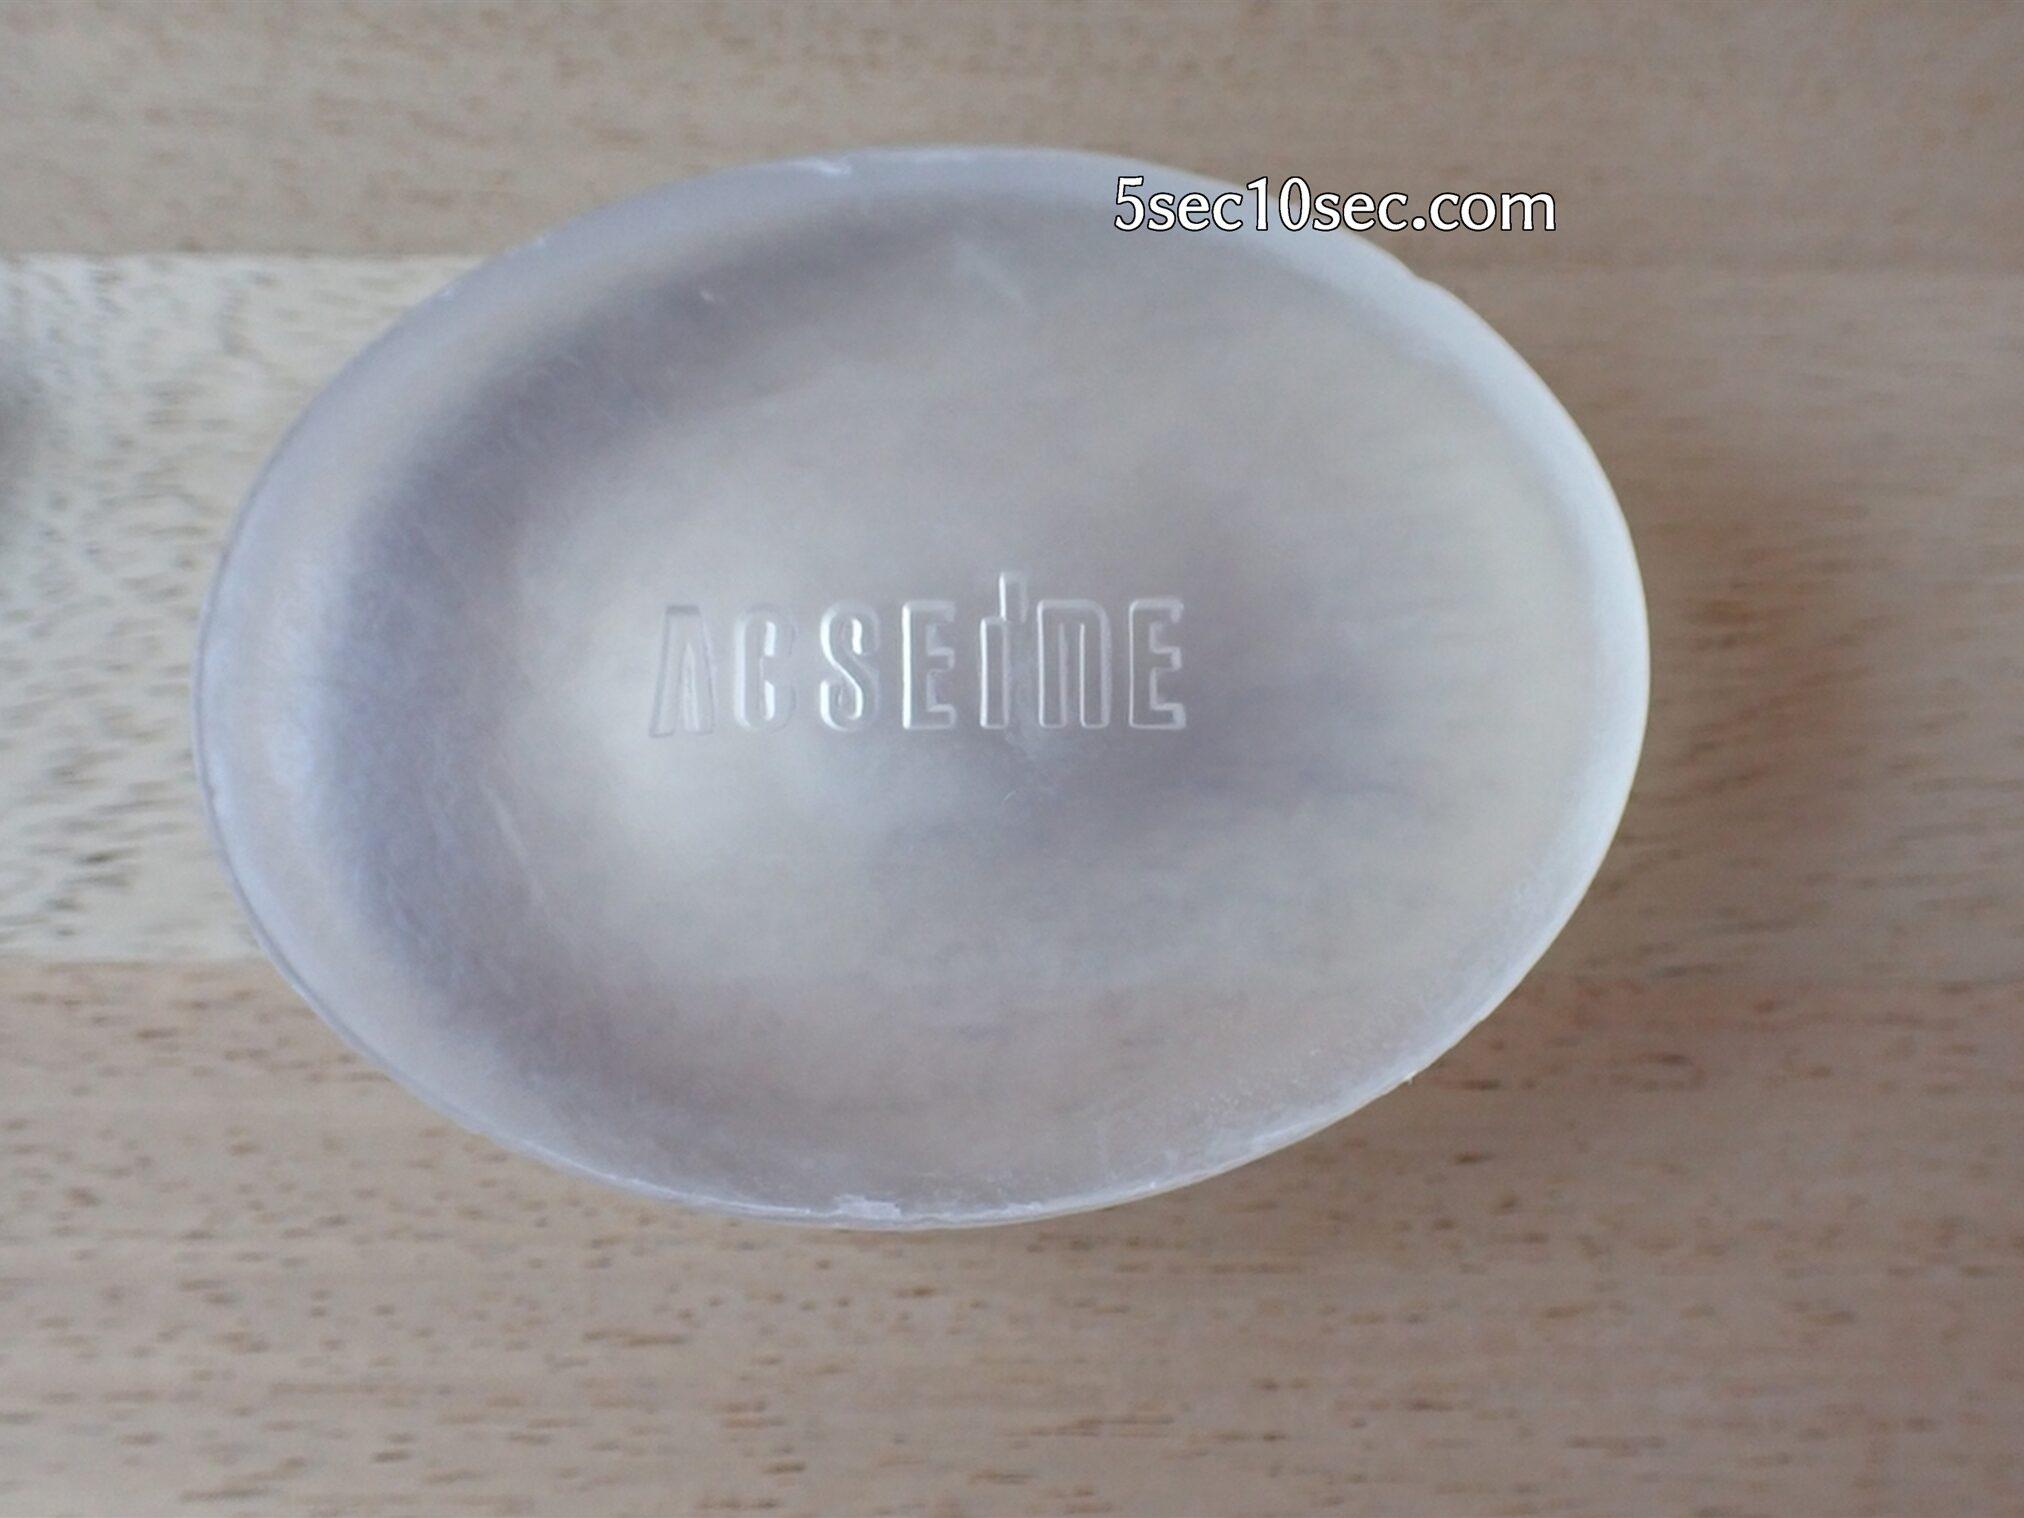 アクセーヌ スキンケアプログラムAD フェイシャルソープ AD 30g 洗顔料 中身の石鹸の写真